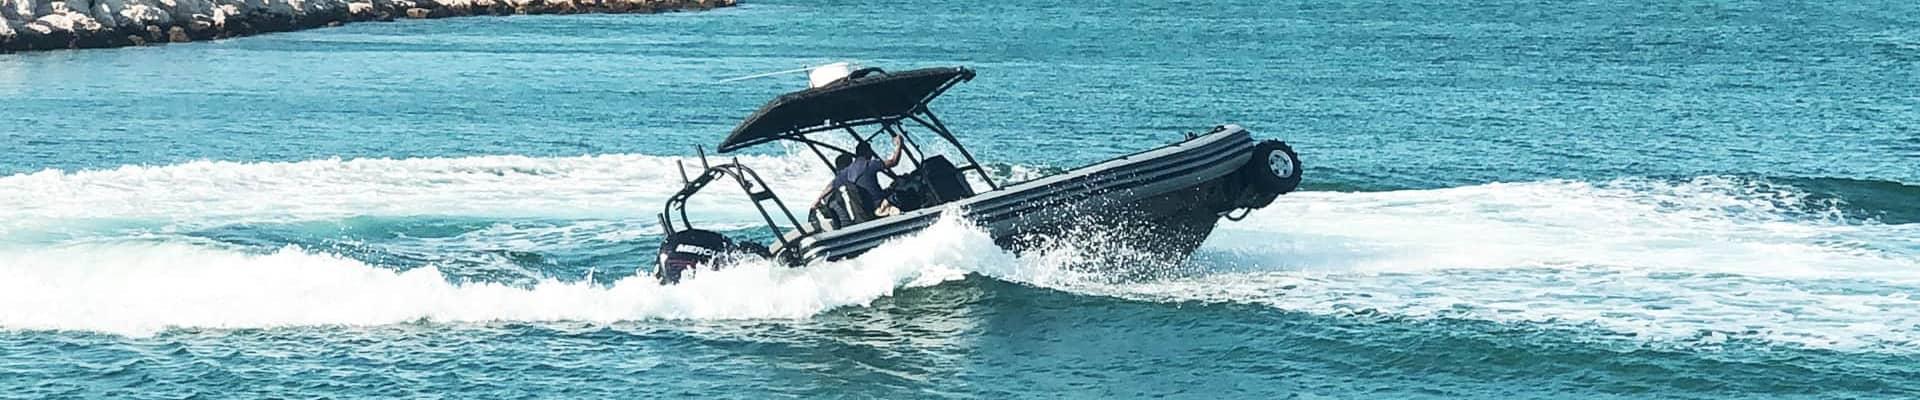 asis-boats-amphibious-8.4-m